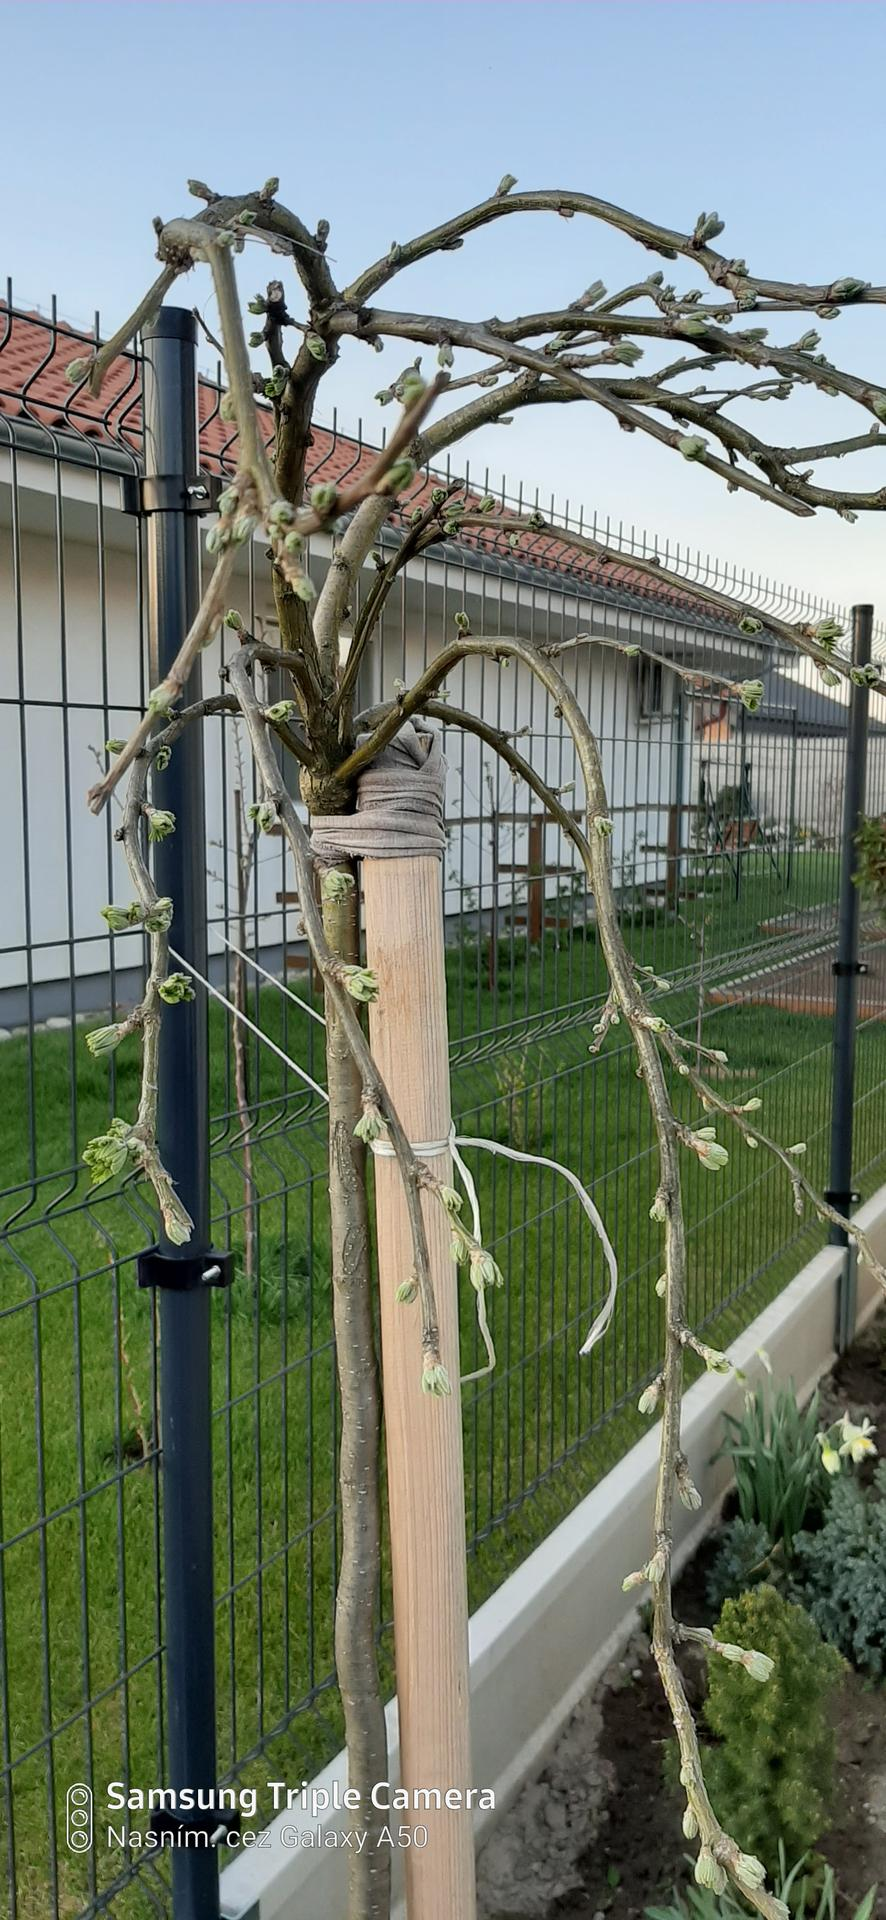 🏠🌞🌺❤🌷 Zahrada a jej dalsi rok...2020 🌱🐞🐛🦋🍓🥕🍅🌺❤ - Karigana prezila presadenie na jesen...